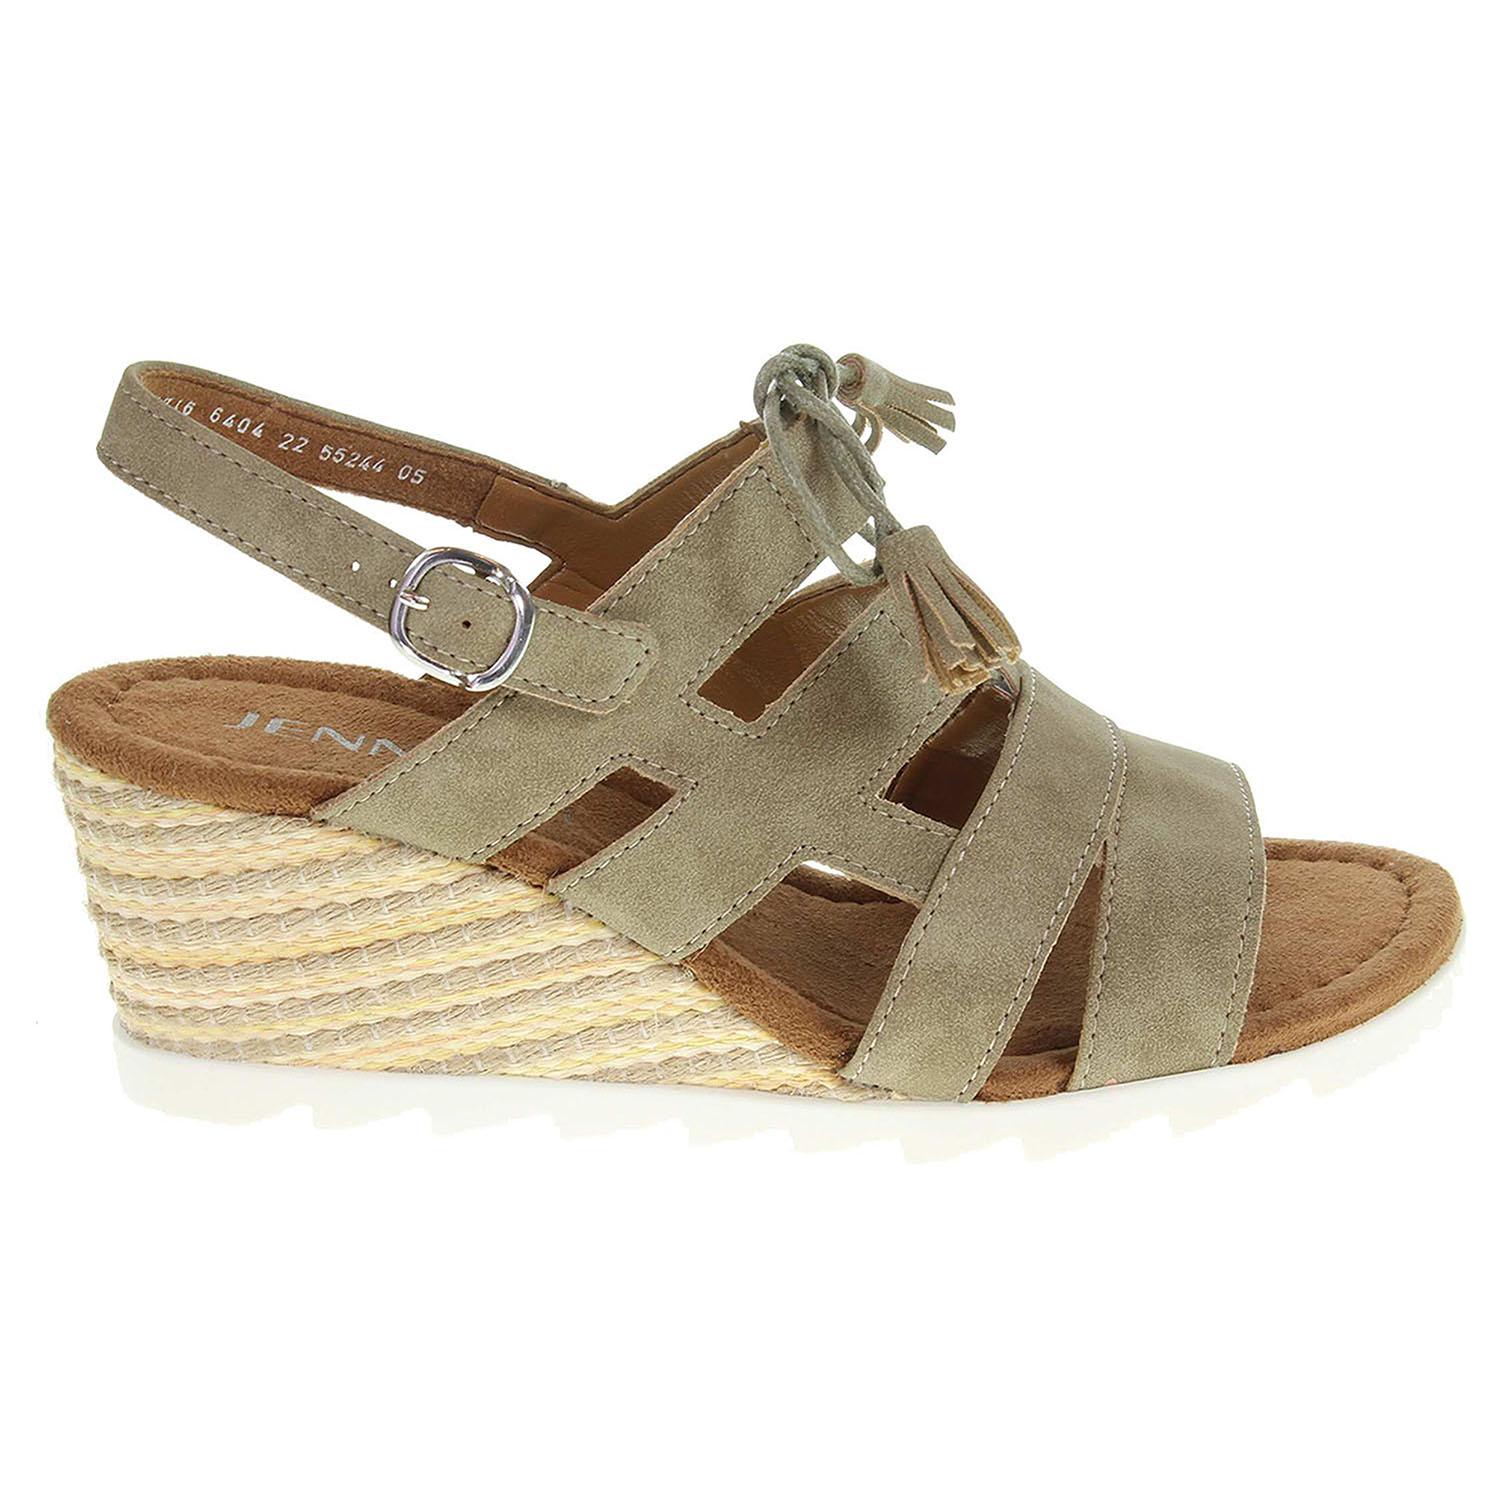 Ecco Ara dámské sandály 55244-05 béžové 23801202